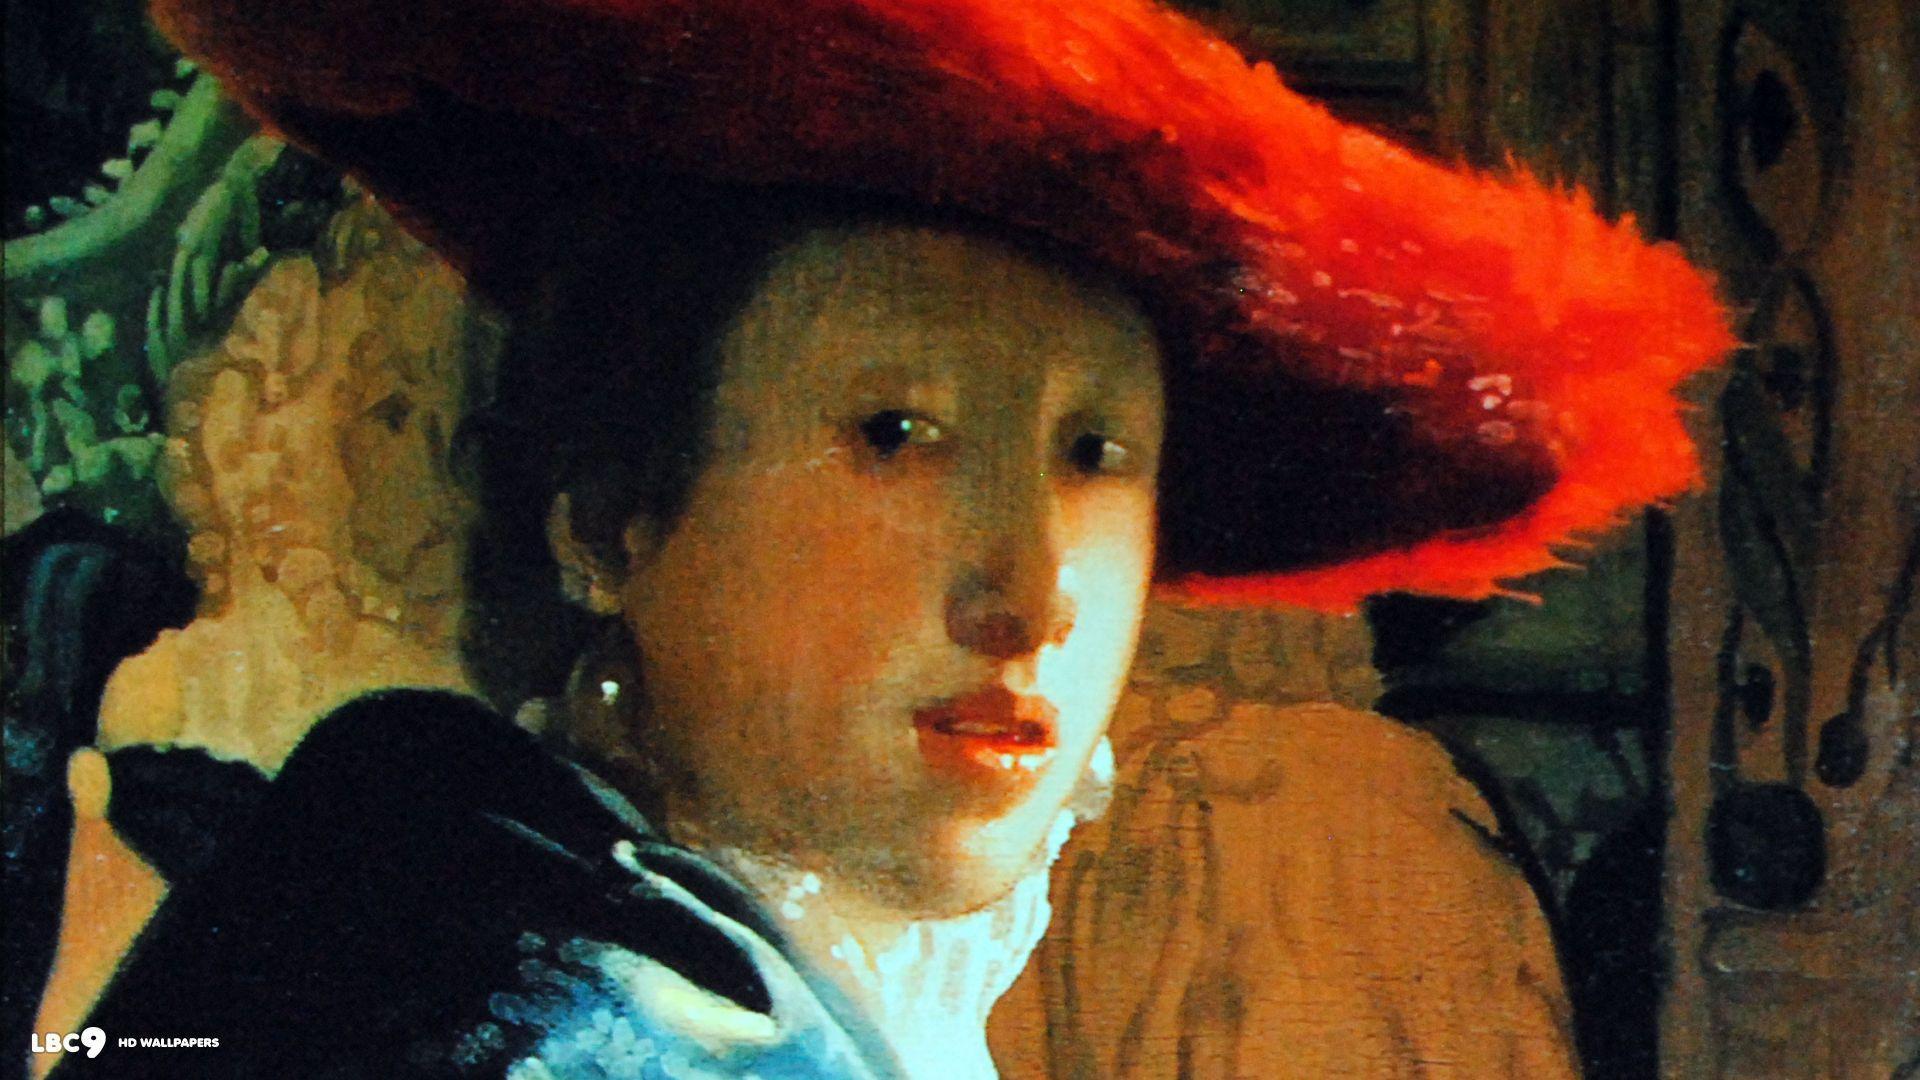 johannes vermeer wallpaper 9/16 | paintings hd backgrounds